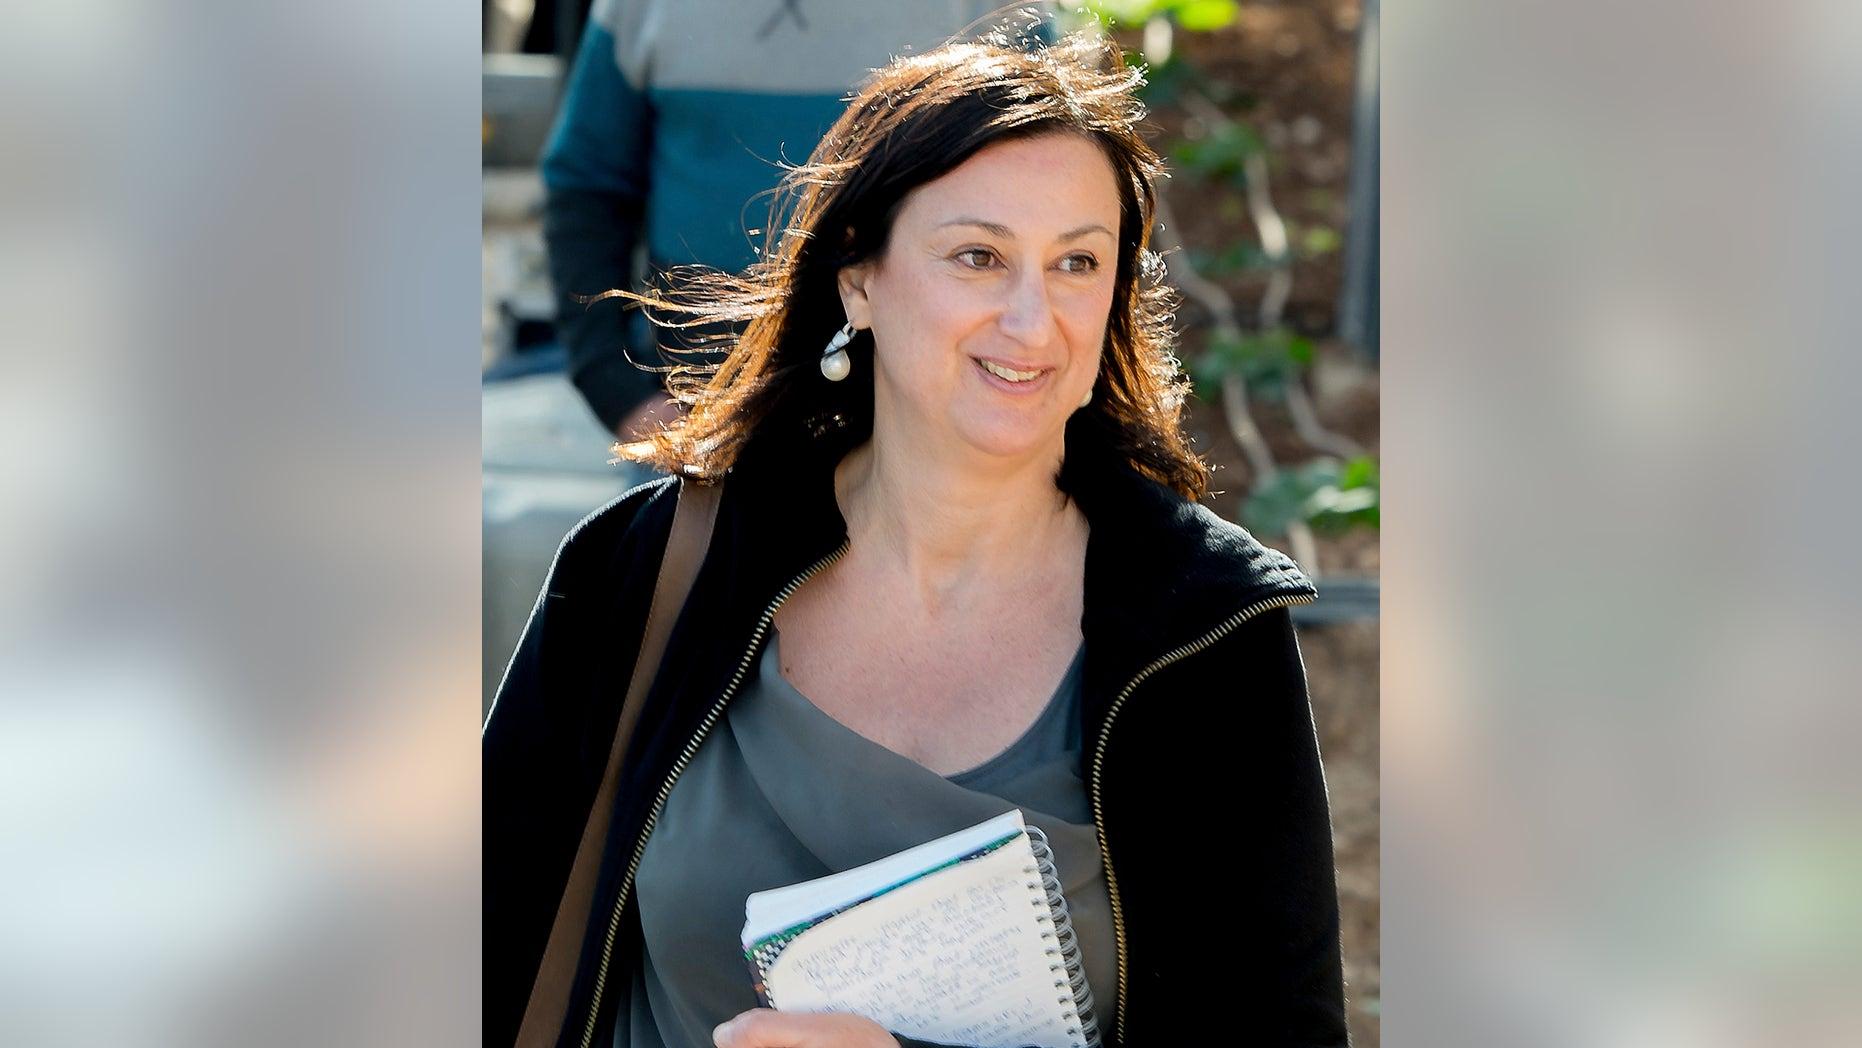 Journalist Daphne Caruana Galizia was killed in a car bomb attack.